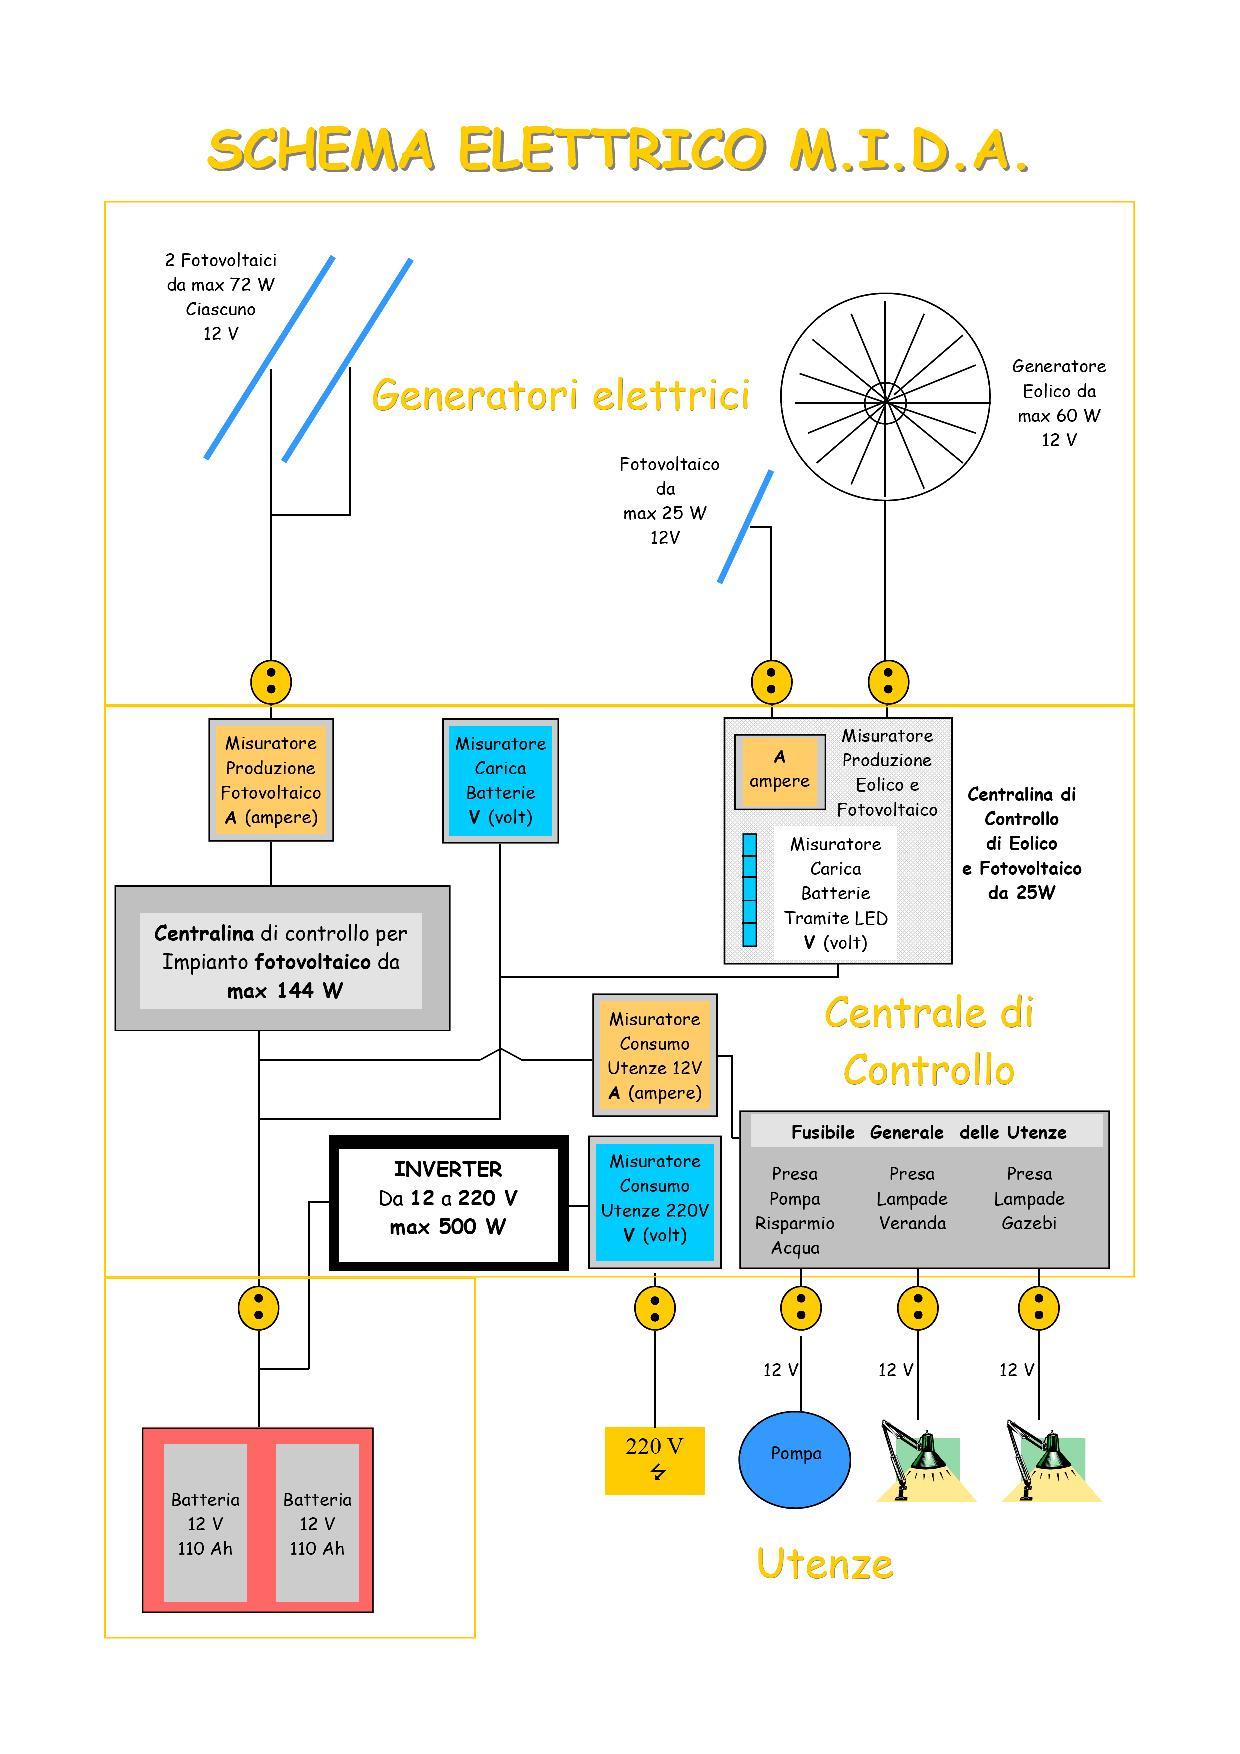 Schema Elettrico Max : Mida schema dell impianto elettrico